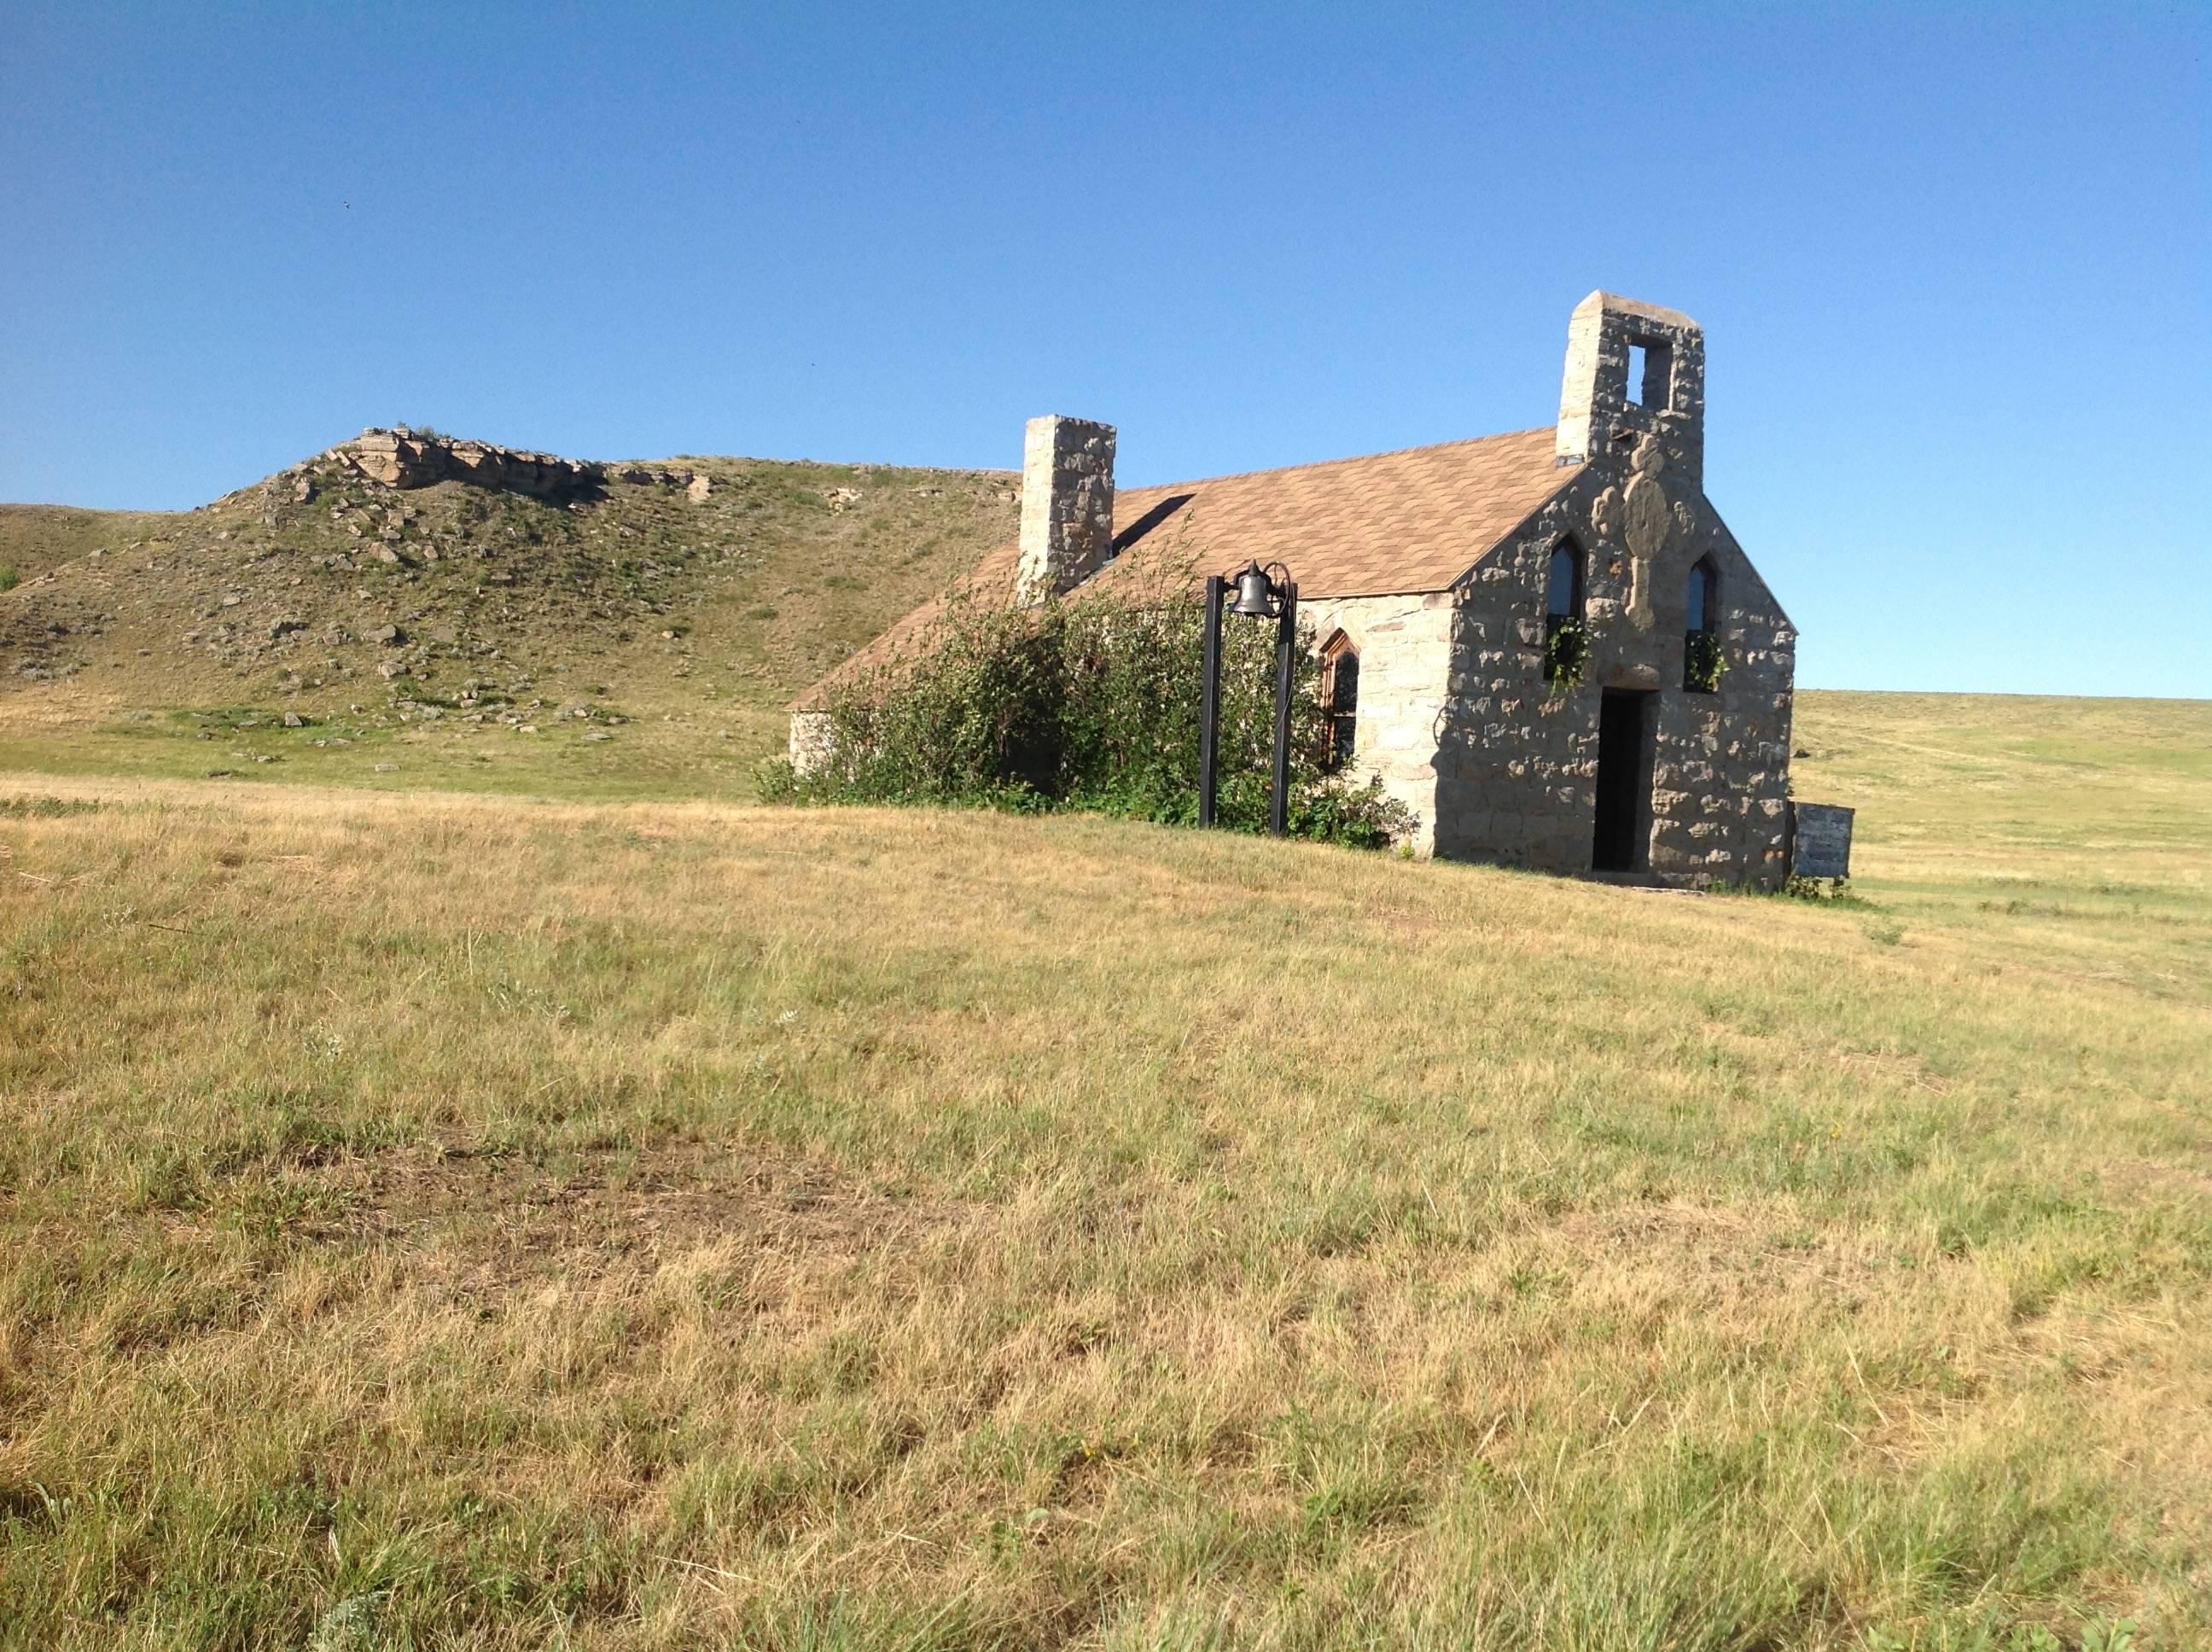 Stone Episcopal Church - Corson County, South Dakota